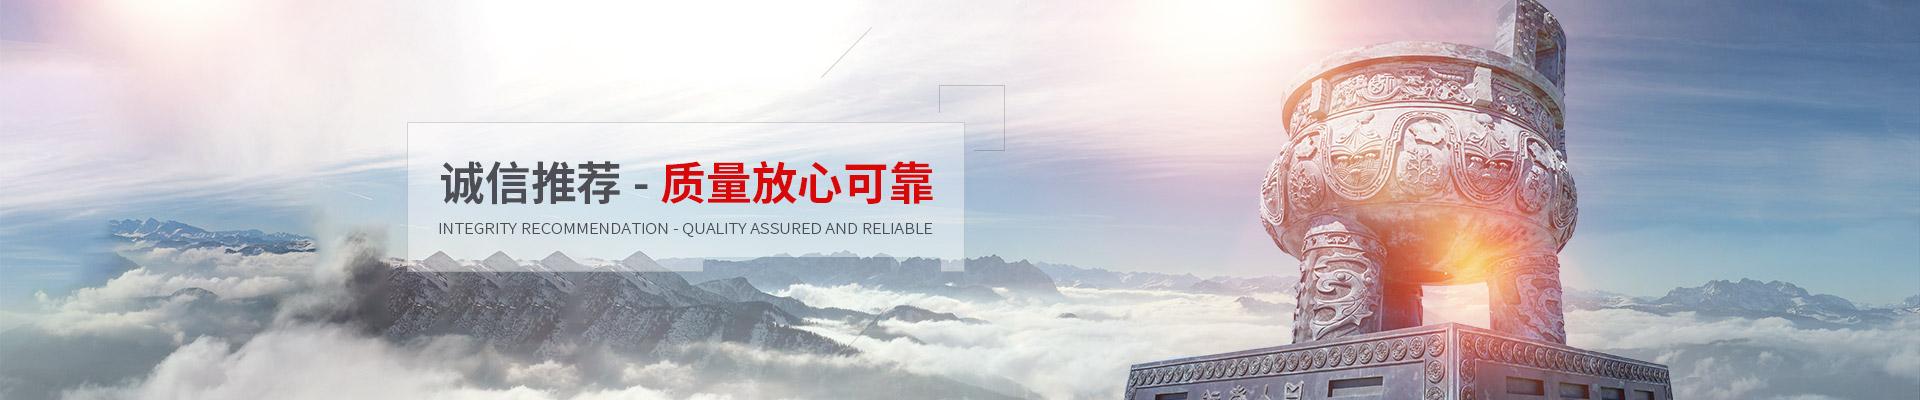 江蘇什么是金屬制品售后服務「無錫博石科技發展有限公司」